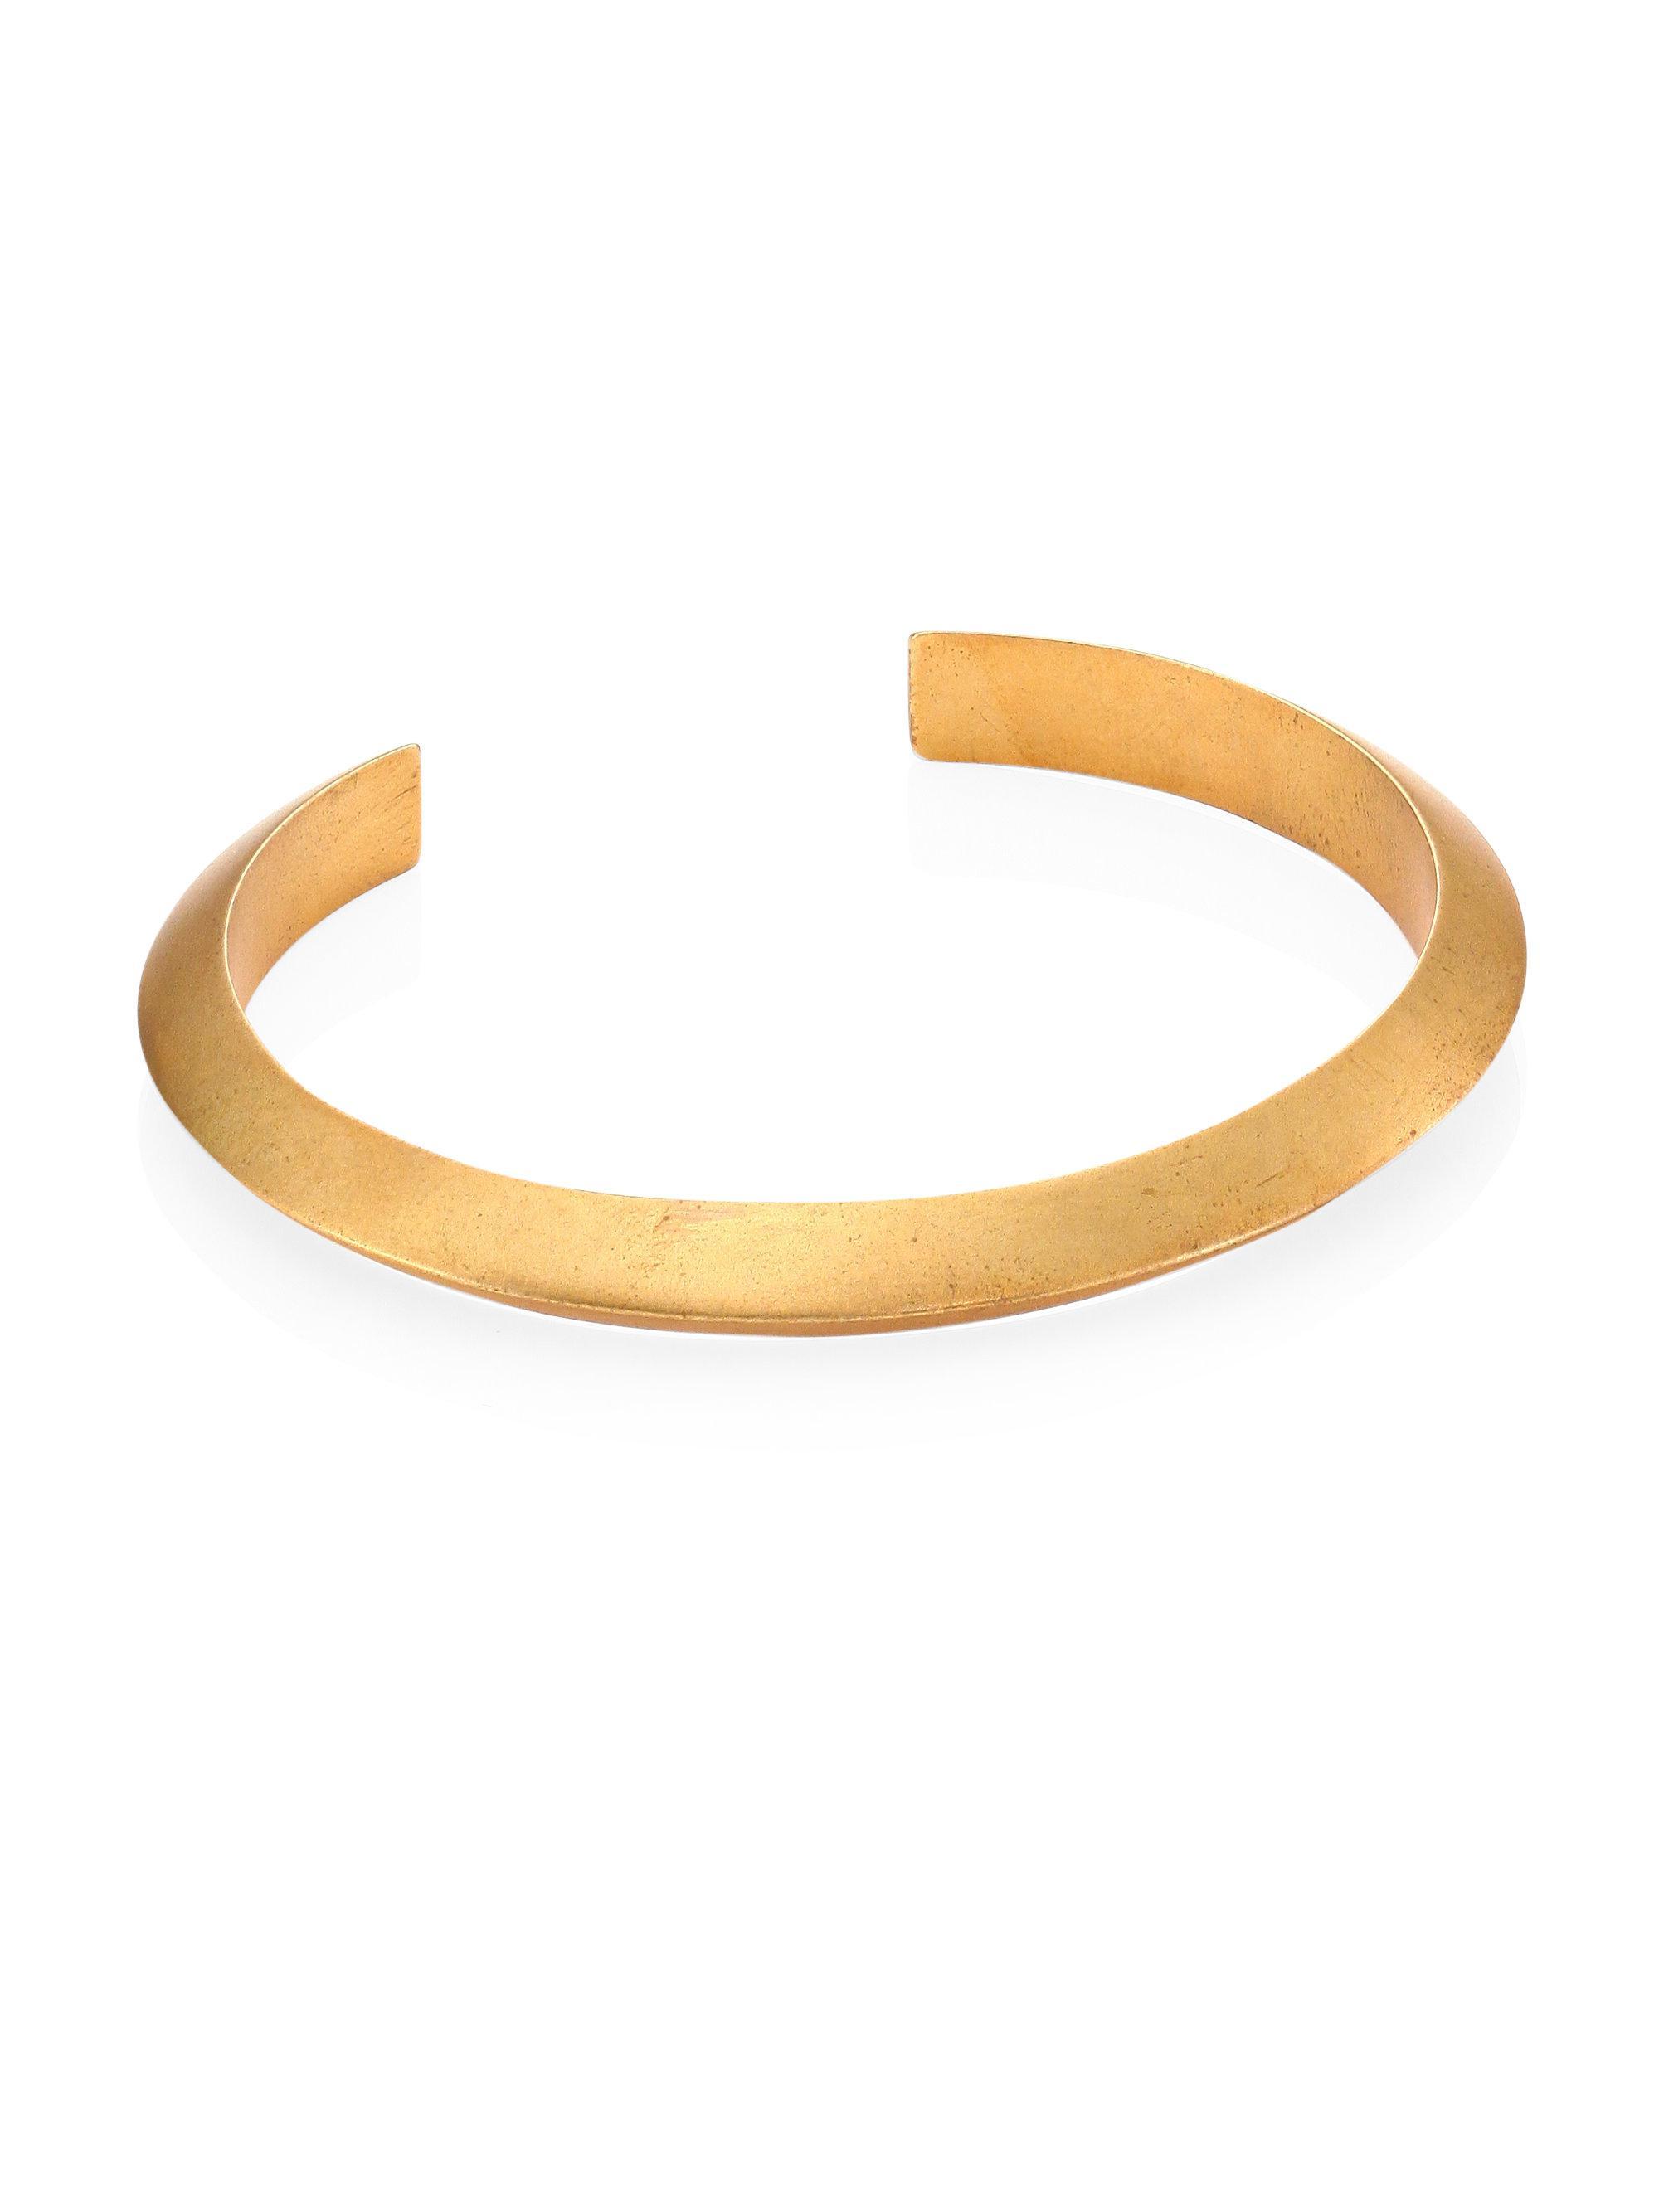 Miansai Singular Brushed-brass Cuff - Gold 58mXu